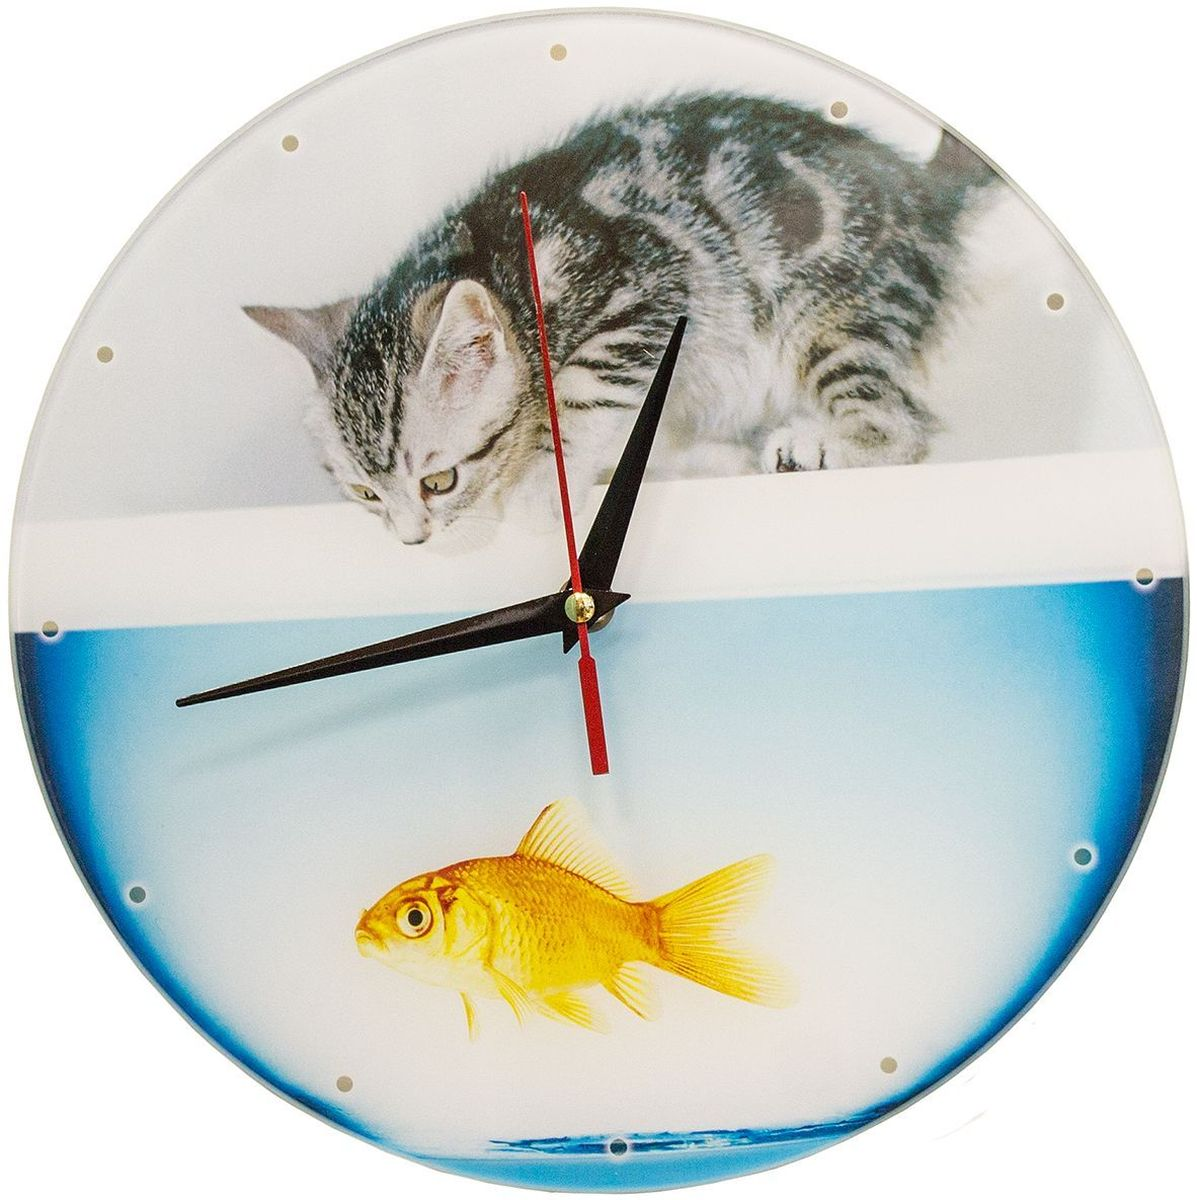 Часы настенные Эврика Котенок с рыбкой, стеклянные, 30 х 30 х 4 см98106Часы настенные стеклянные с механизмом бесшумного хода (не тикают) в белой картонной коробке. Размеры упаковки: 30 х 30 х 4 см. Элемент питания: 1хАА (1,5В).